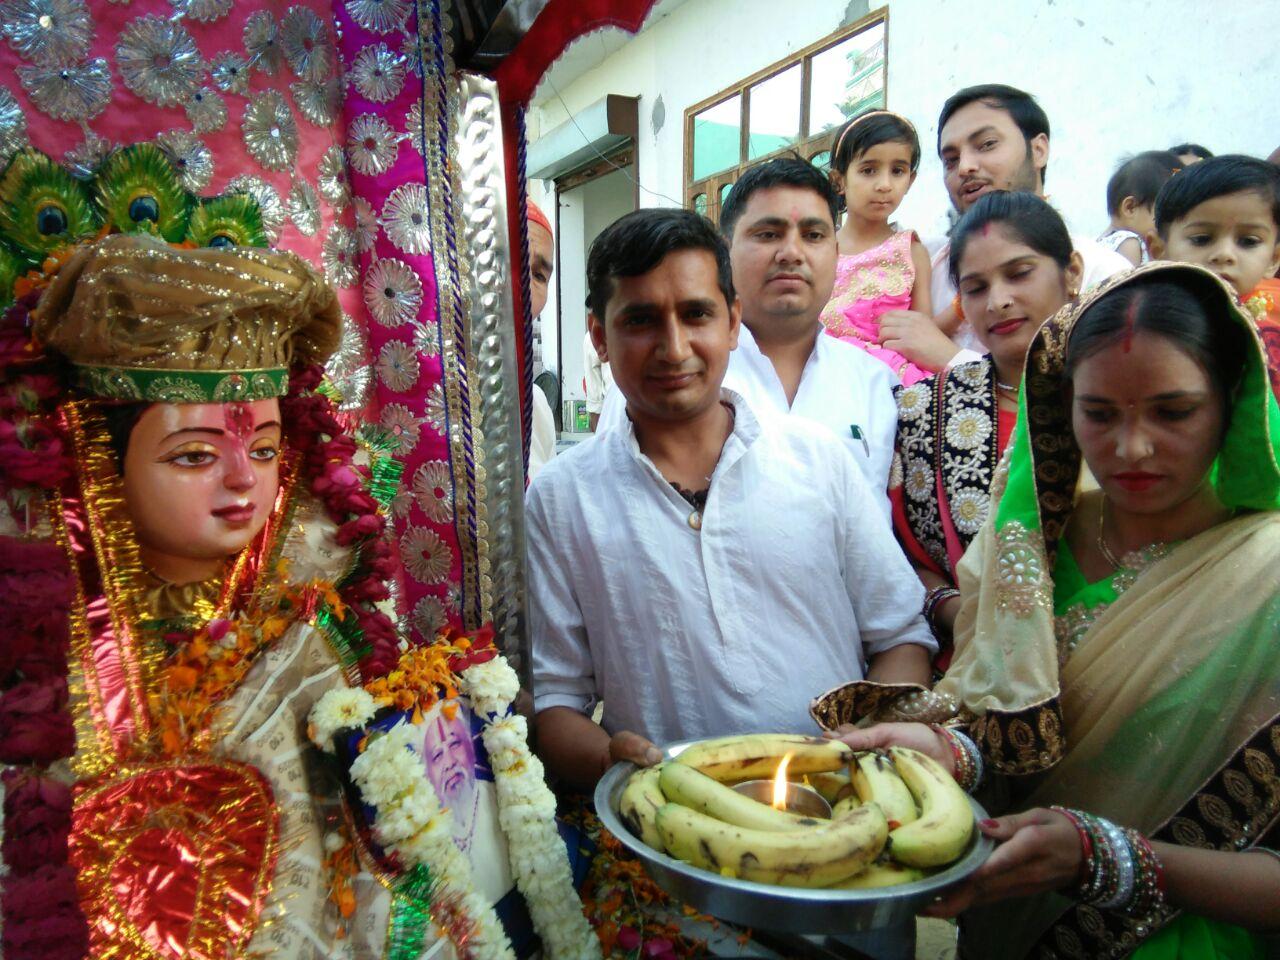 यमुनानगर में बाबा लाल जी के स्वरूप की पूजा अर्चना करते पंडित आर्दश शर्मा।